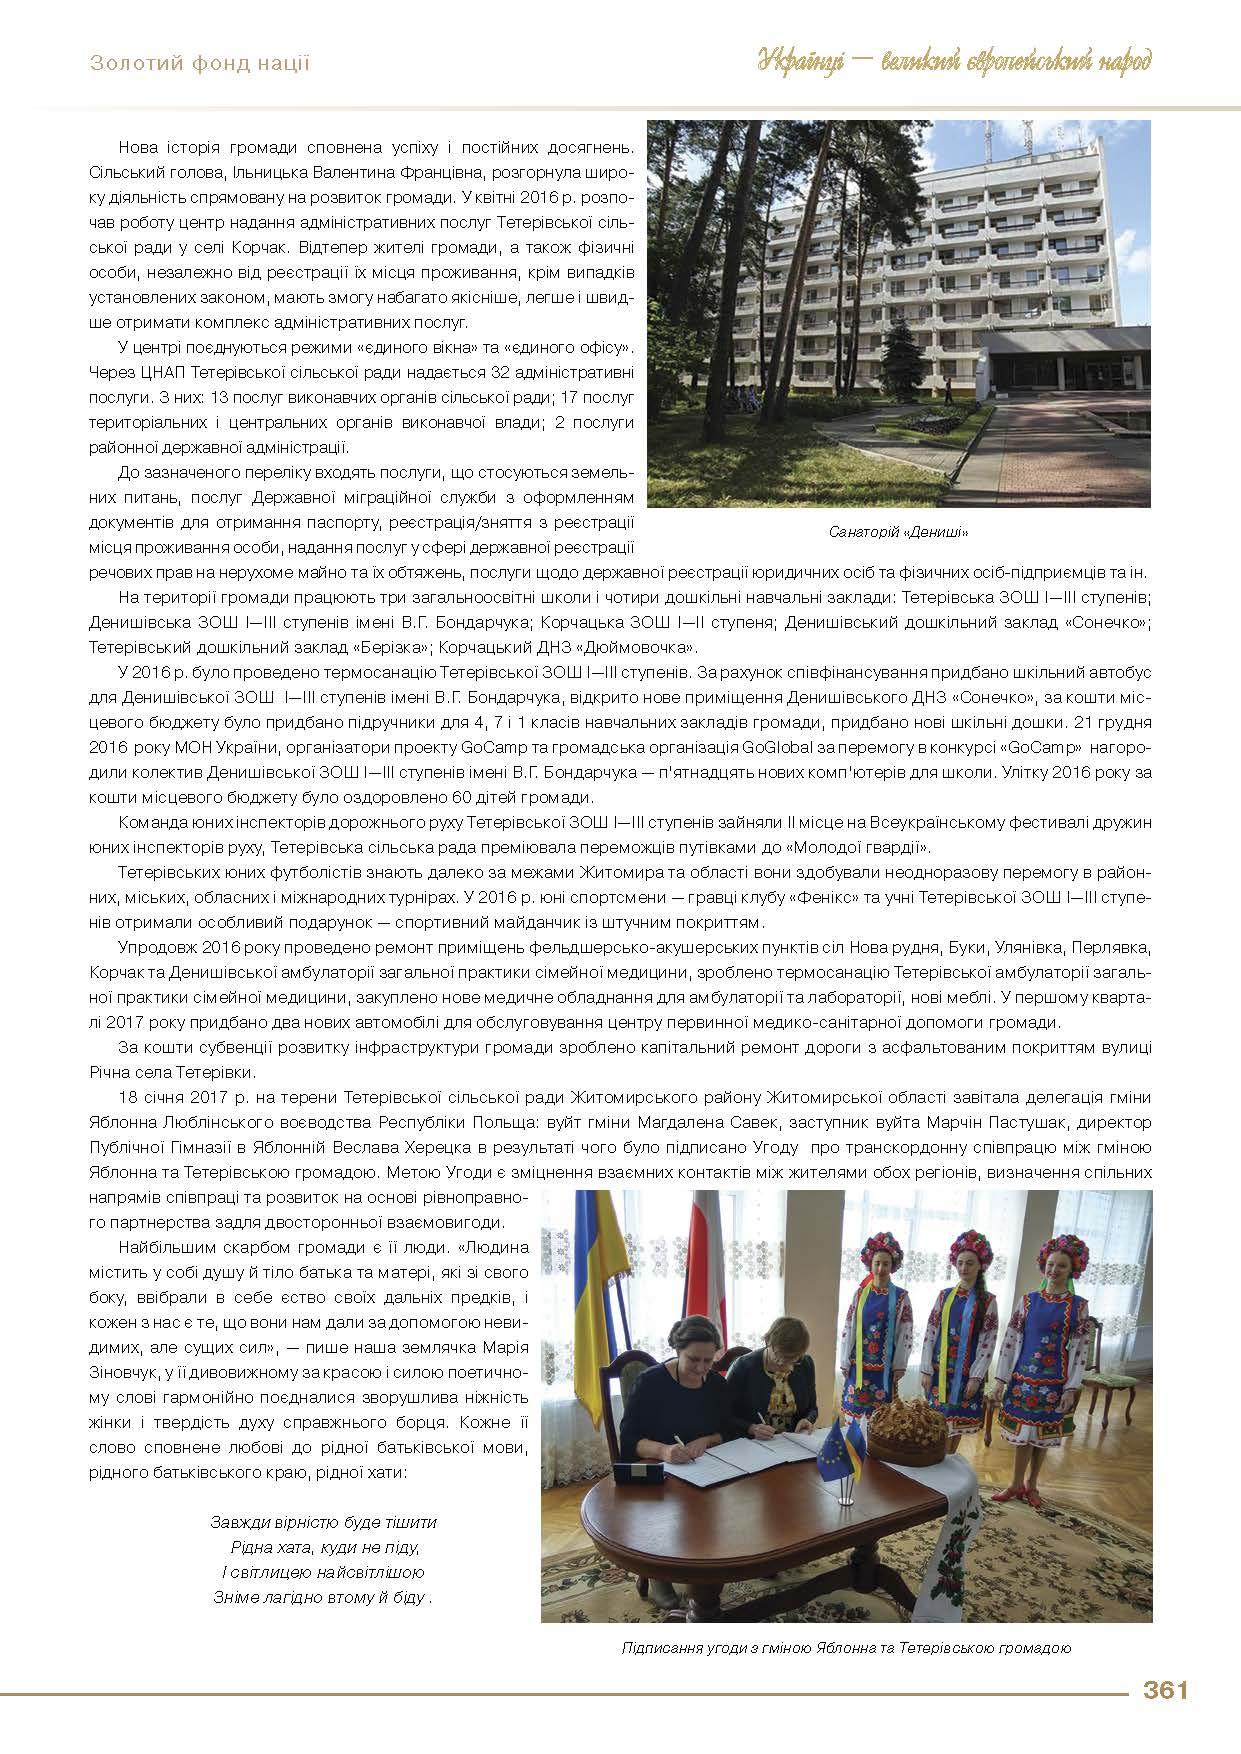 Тетерівська об'єднана територіальна громада - Ільницька Валентина Францівна